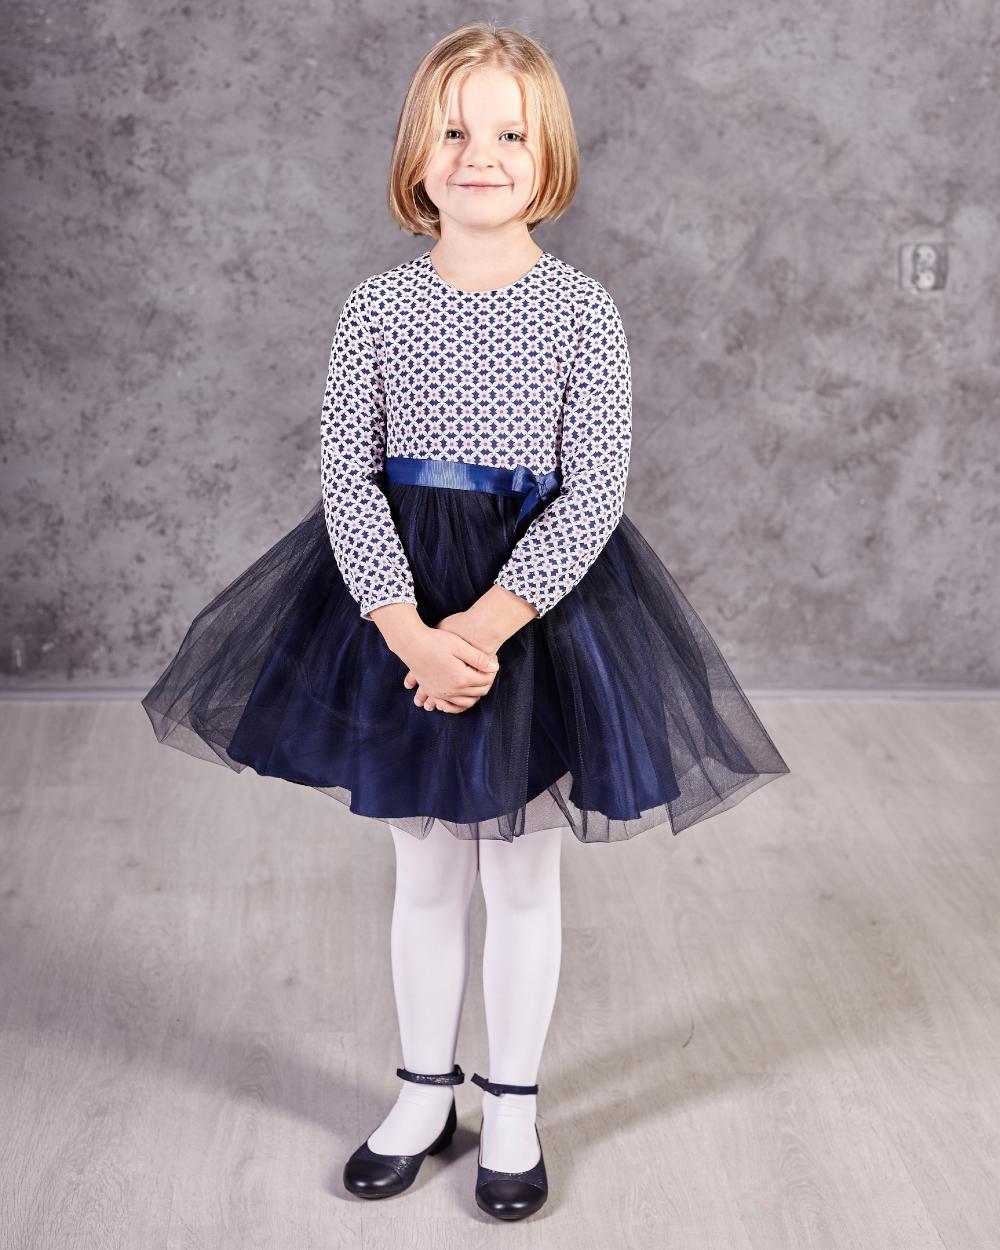 d26ad83250d28d Sukienka z tiulowym dołem i długim rękawem dla dziewczynki zdjęcie z modelką